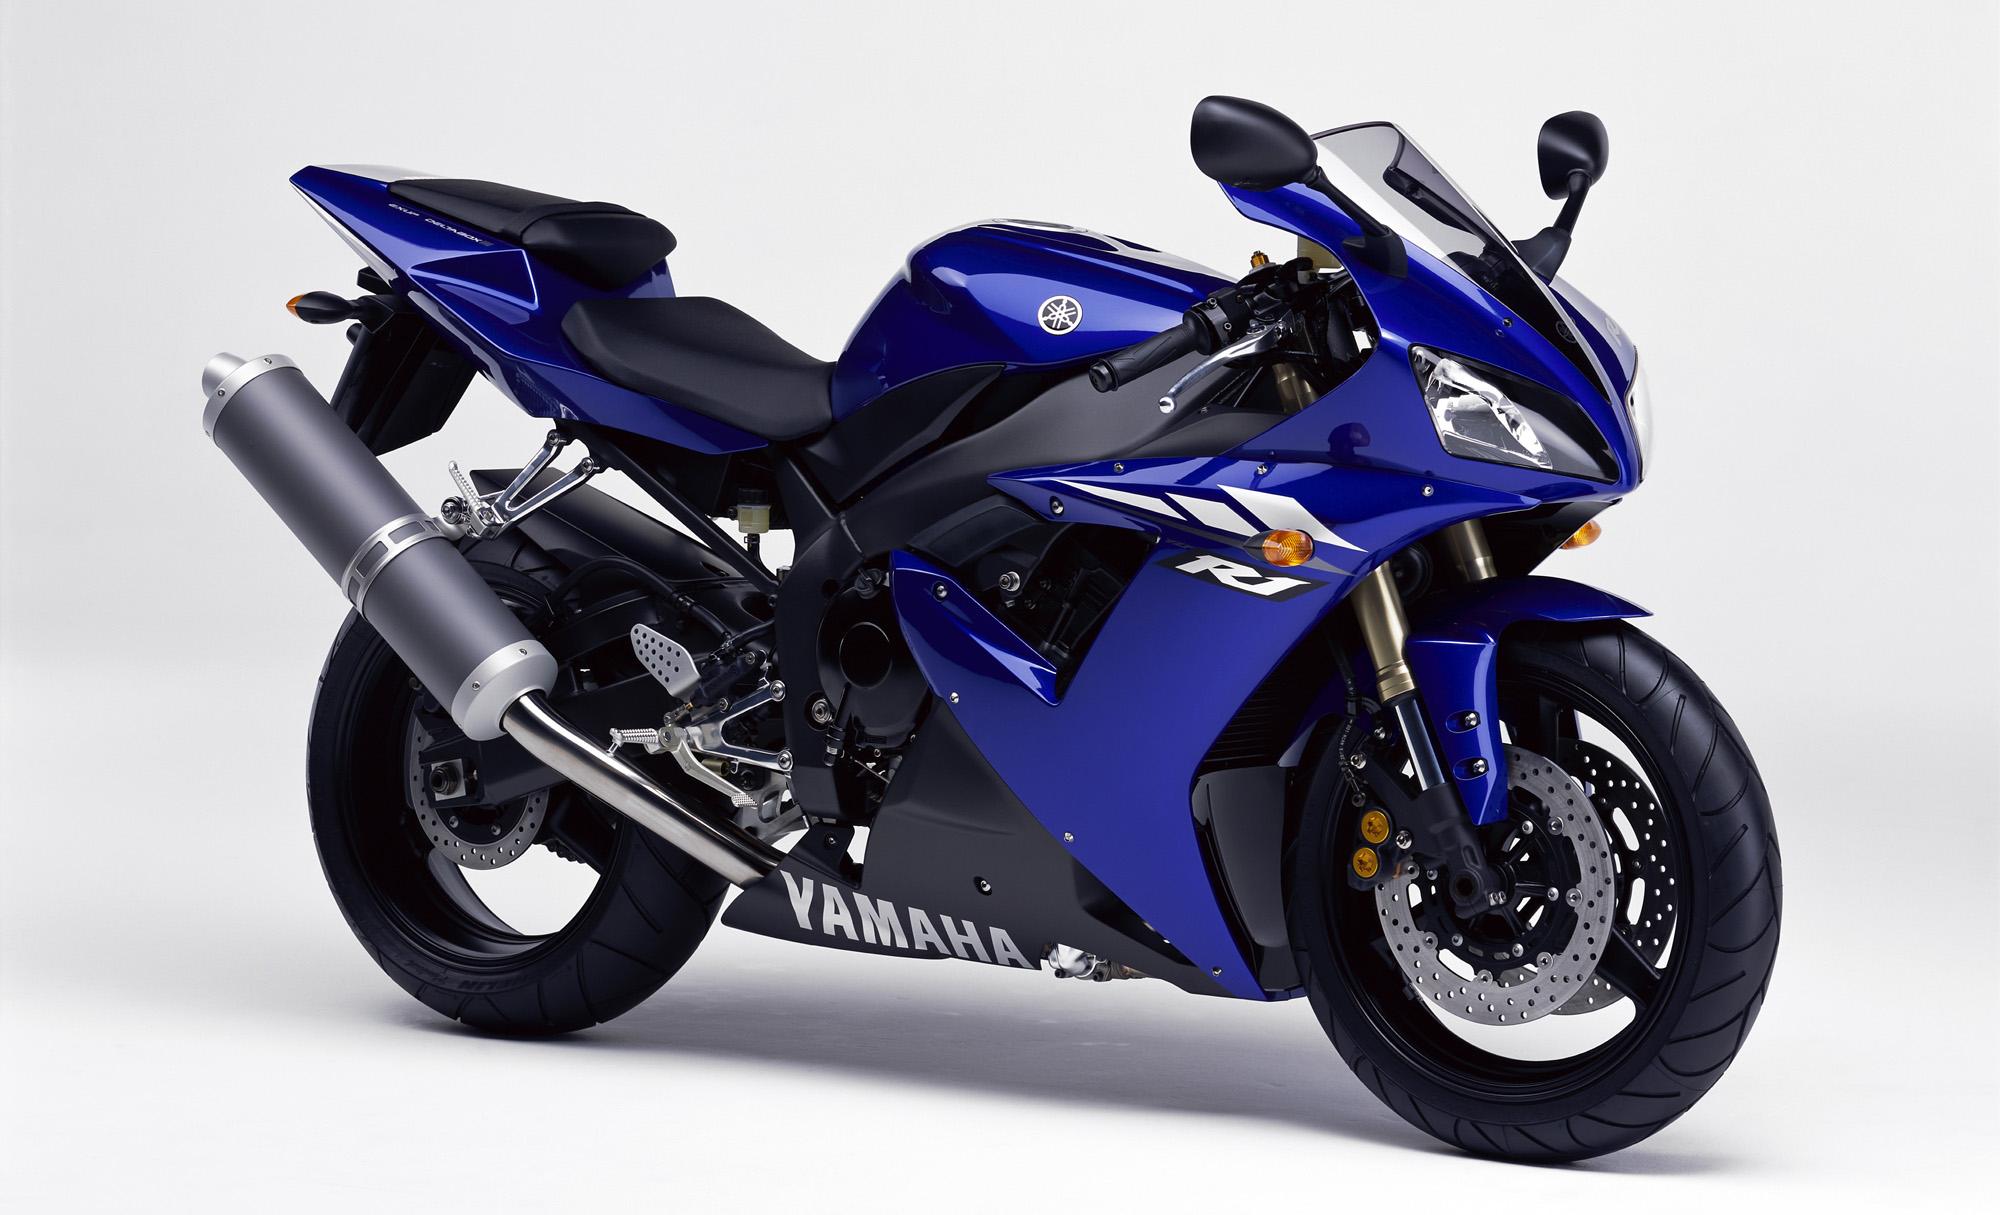 Echappements Pour Yamaha Yzf 1000 R1 2002  2003